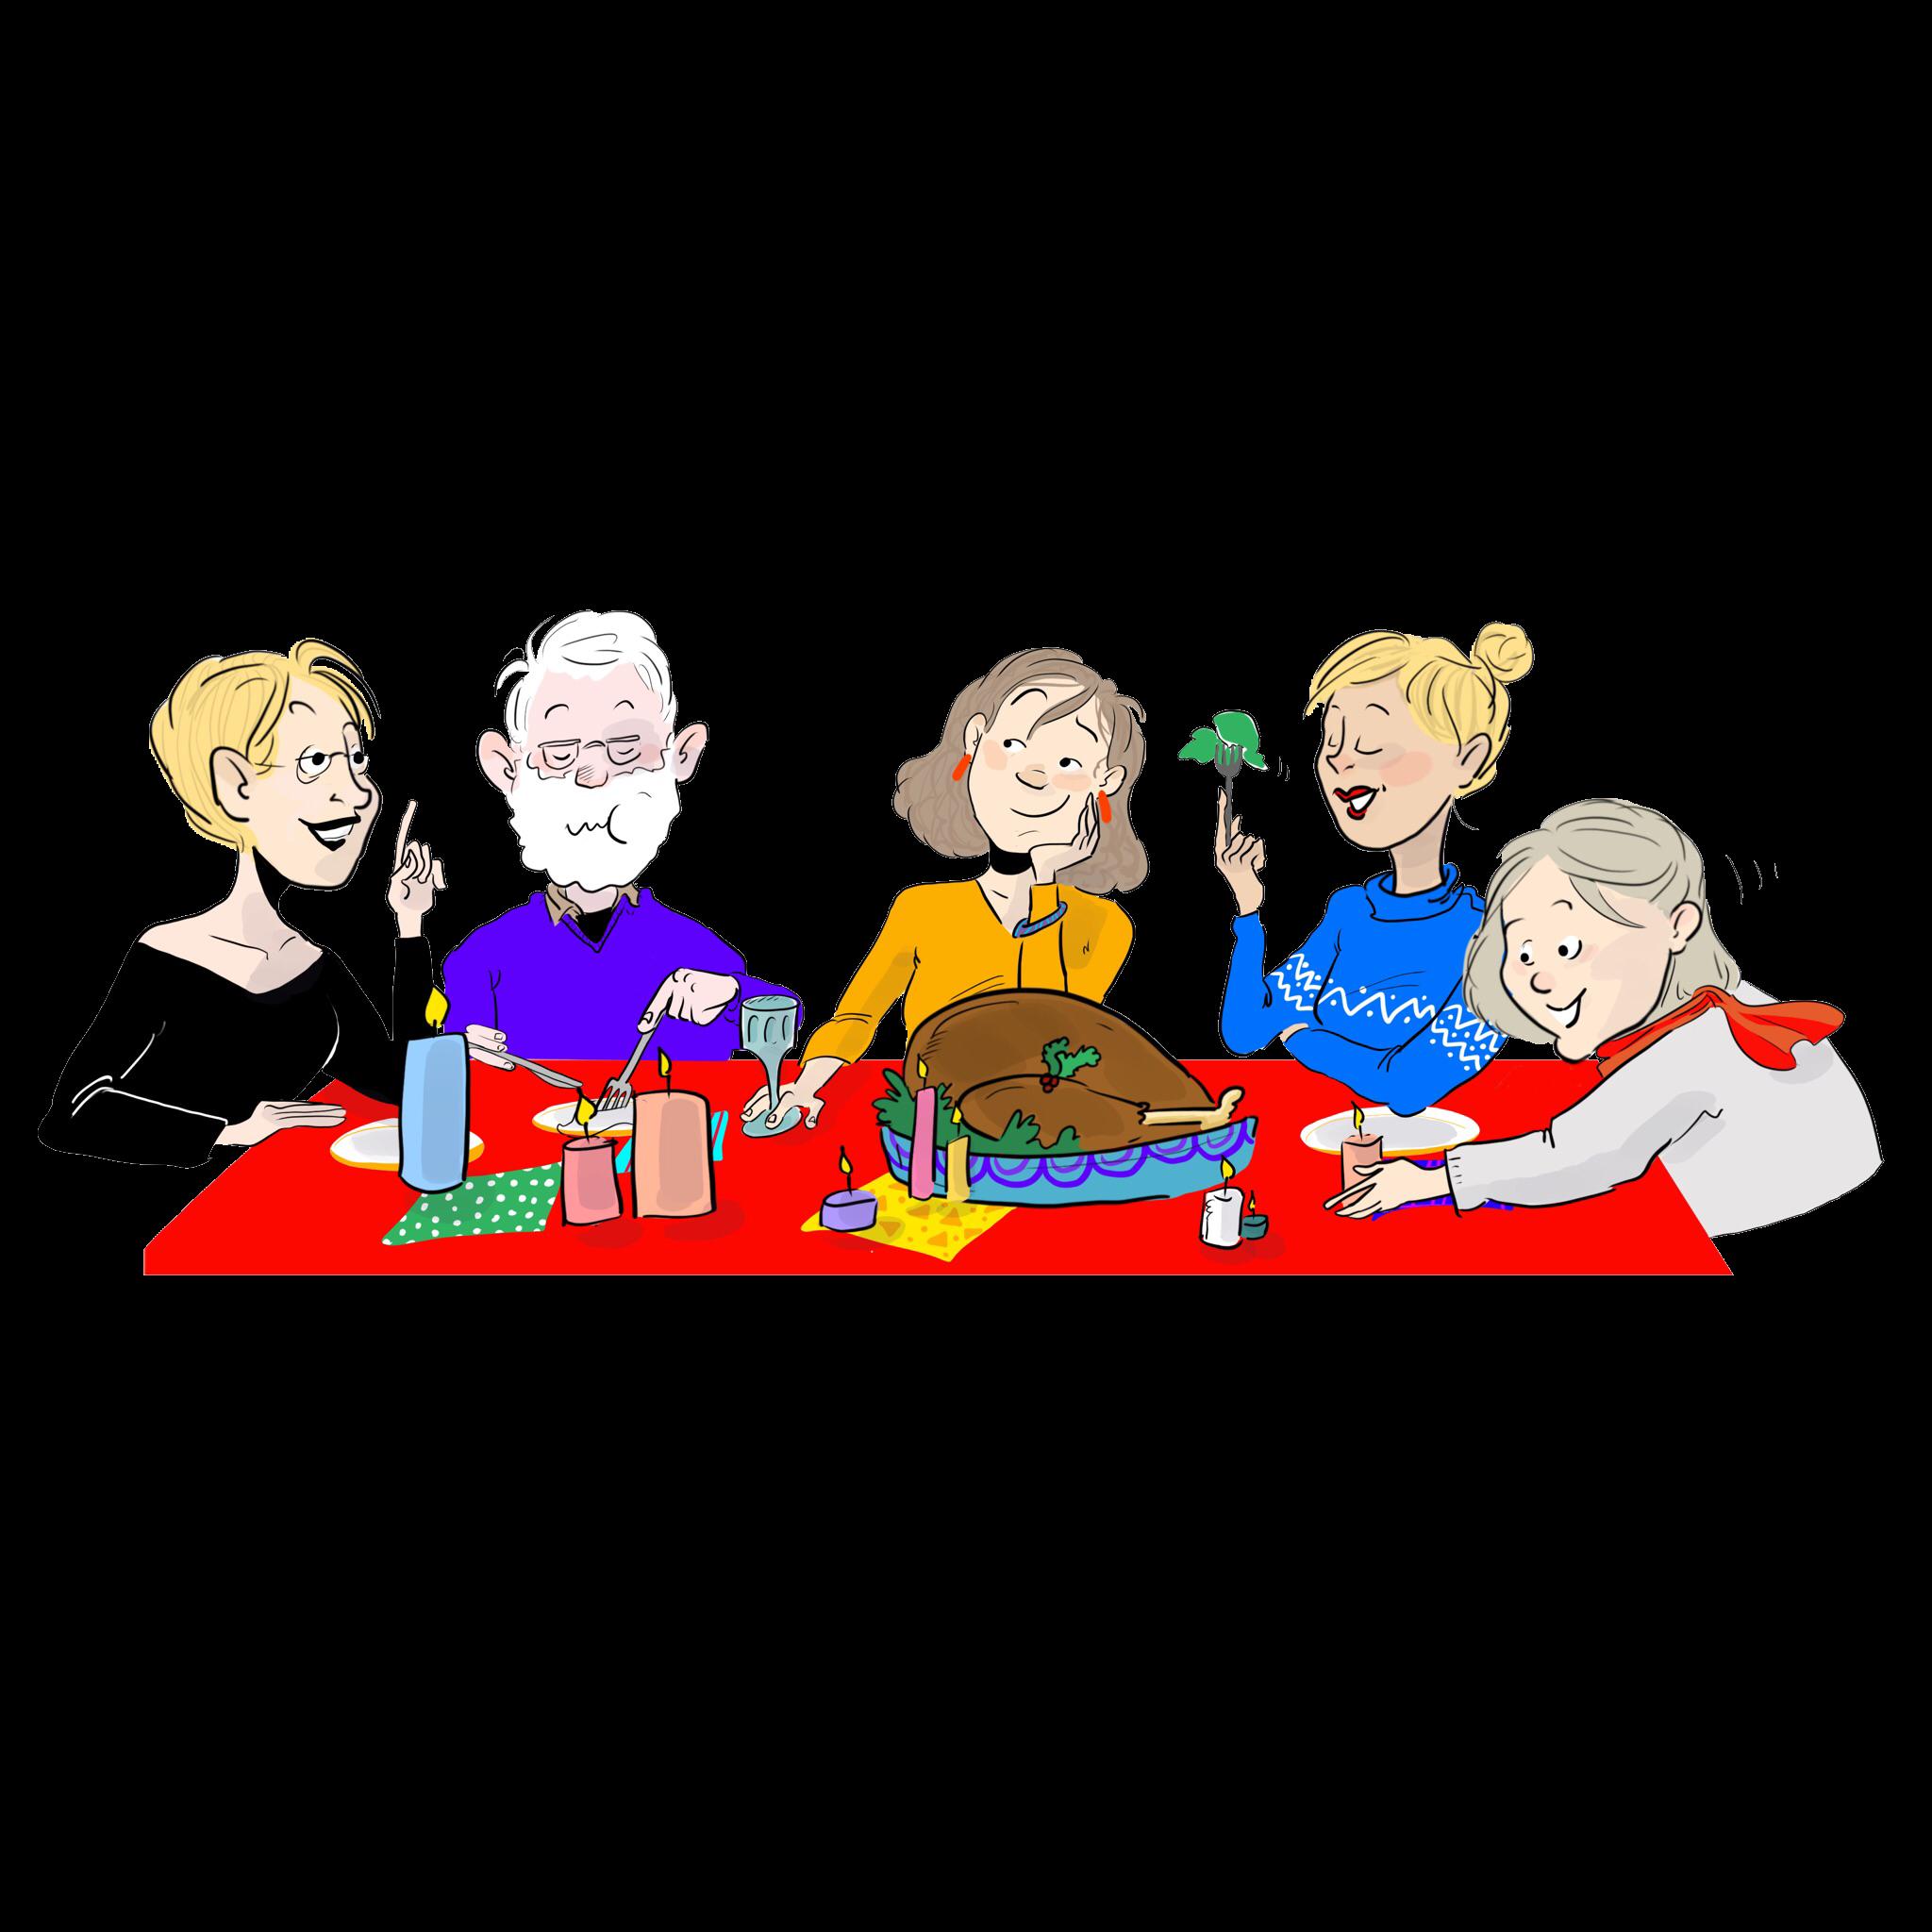 Comment passer de bonnes fêtes en famille?